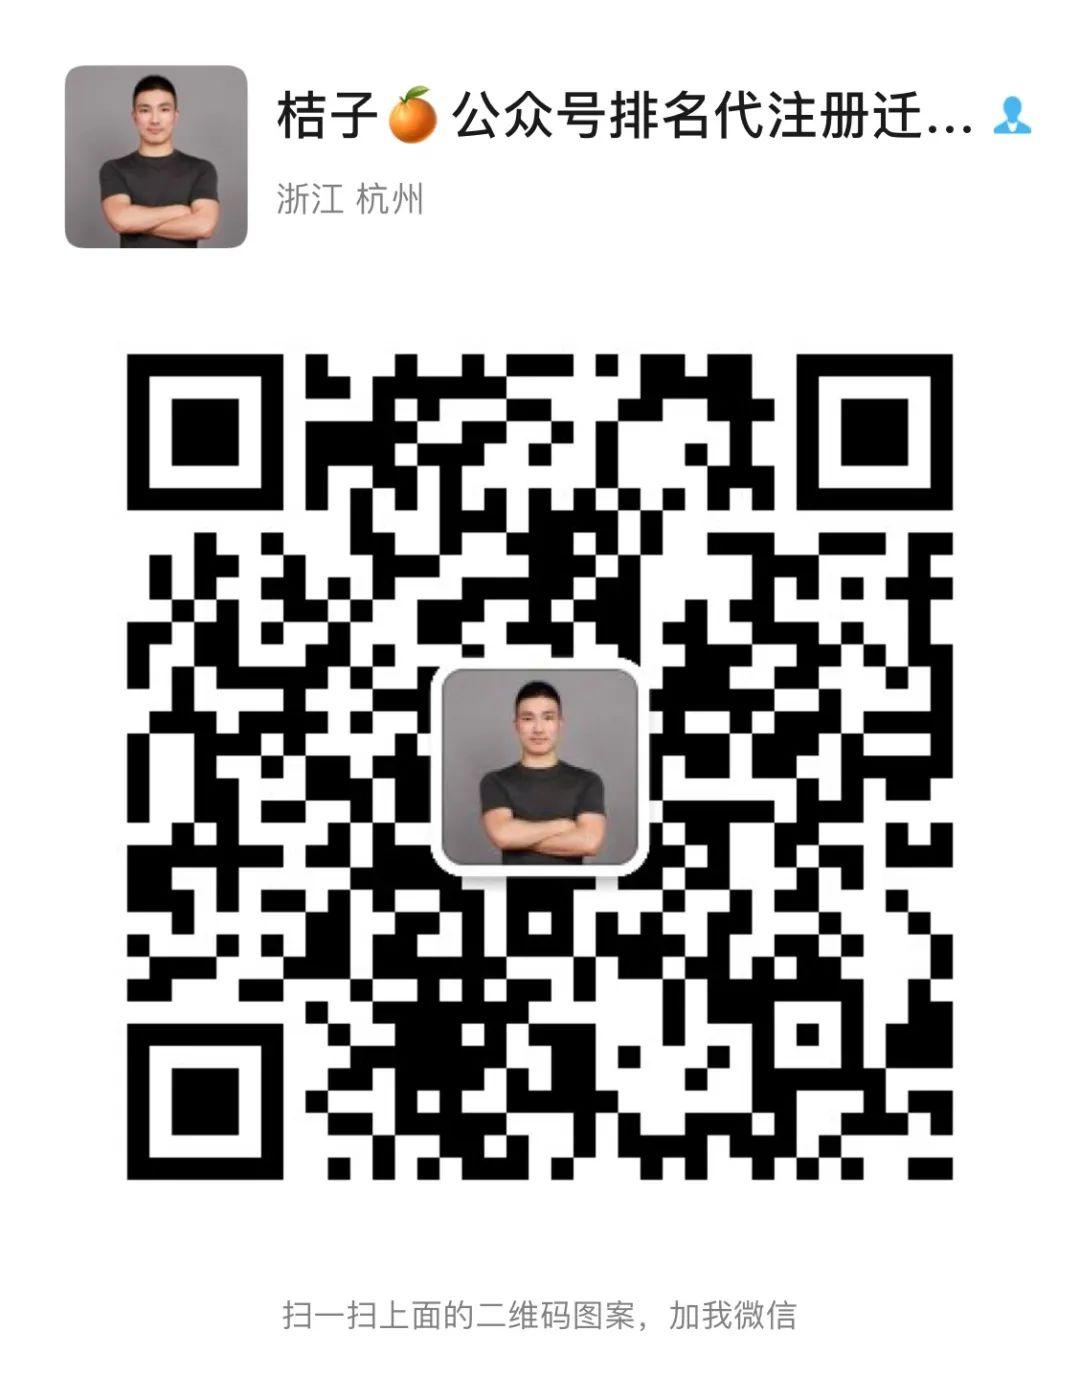 731ab341a88c1b80410d7a059c5213a9.png